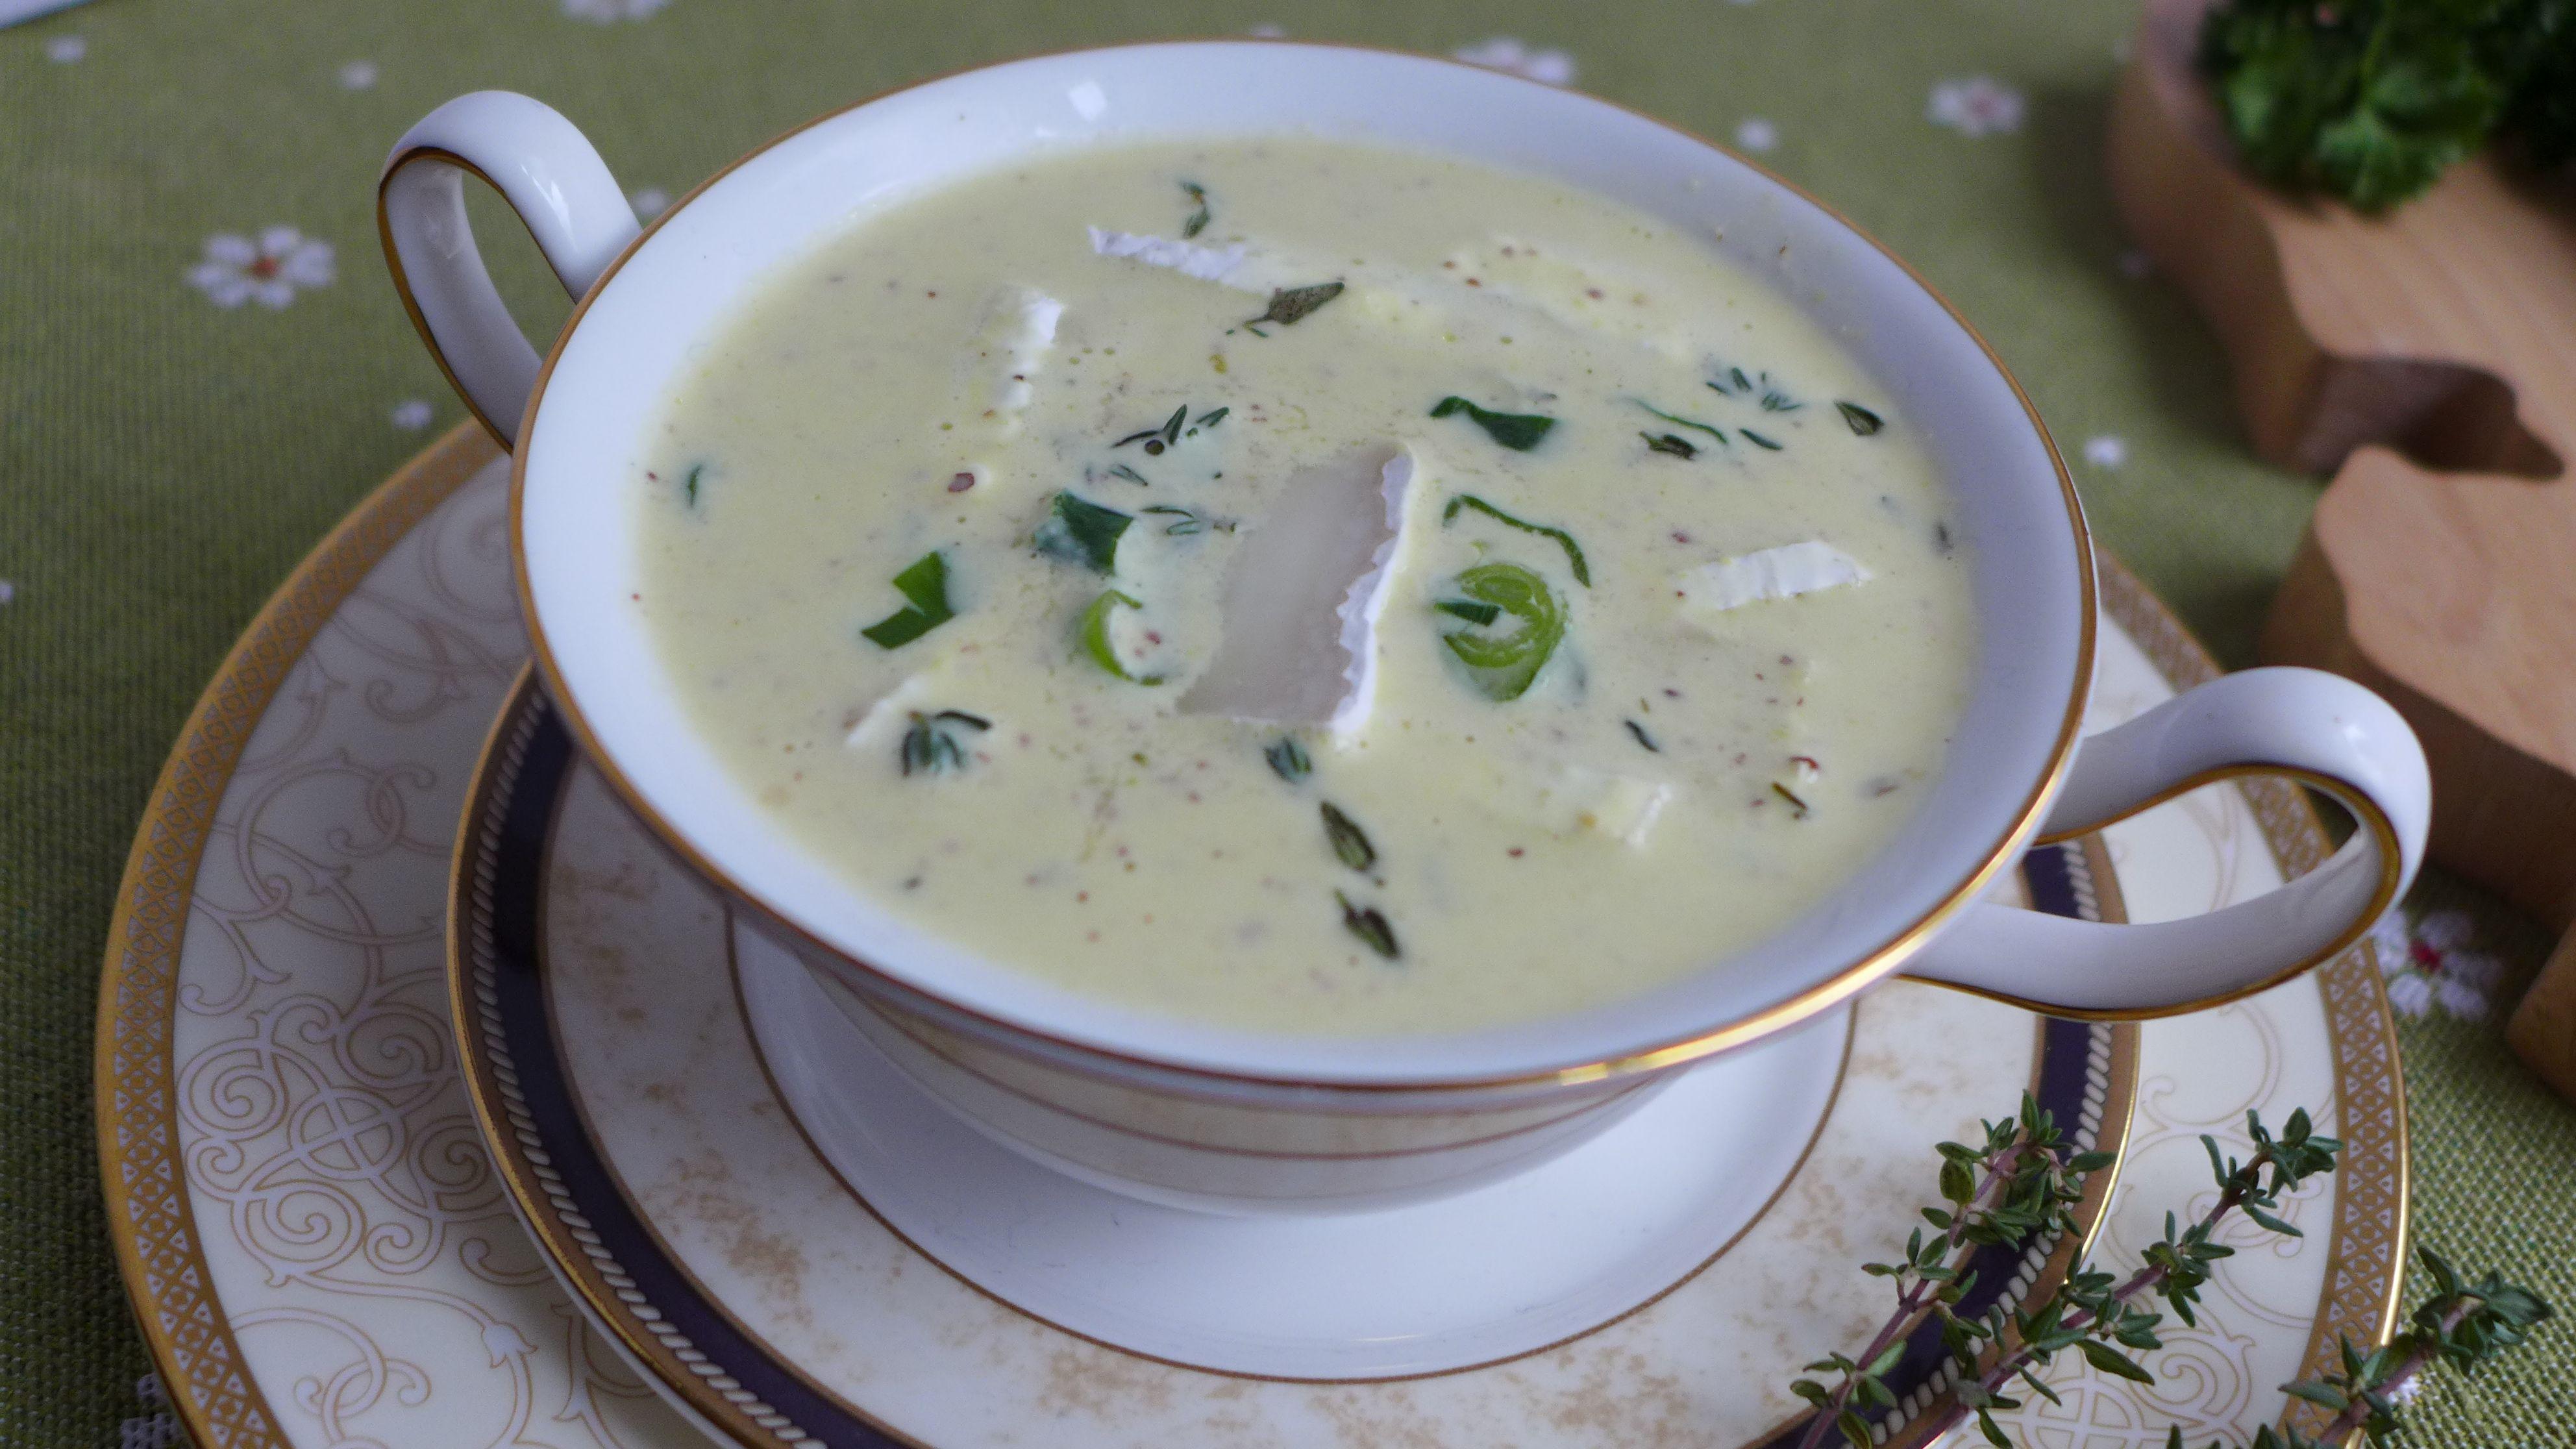 Лимбургский горчичный суп с мягким сыром бри